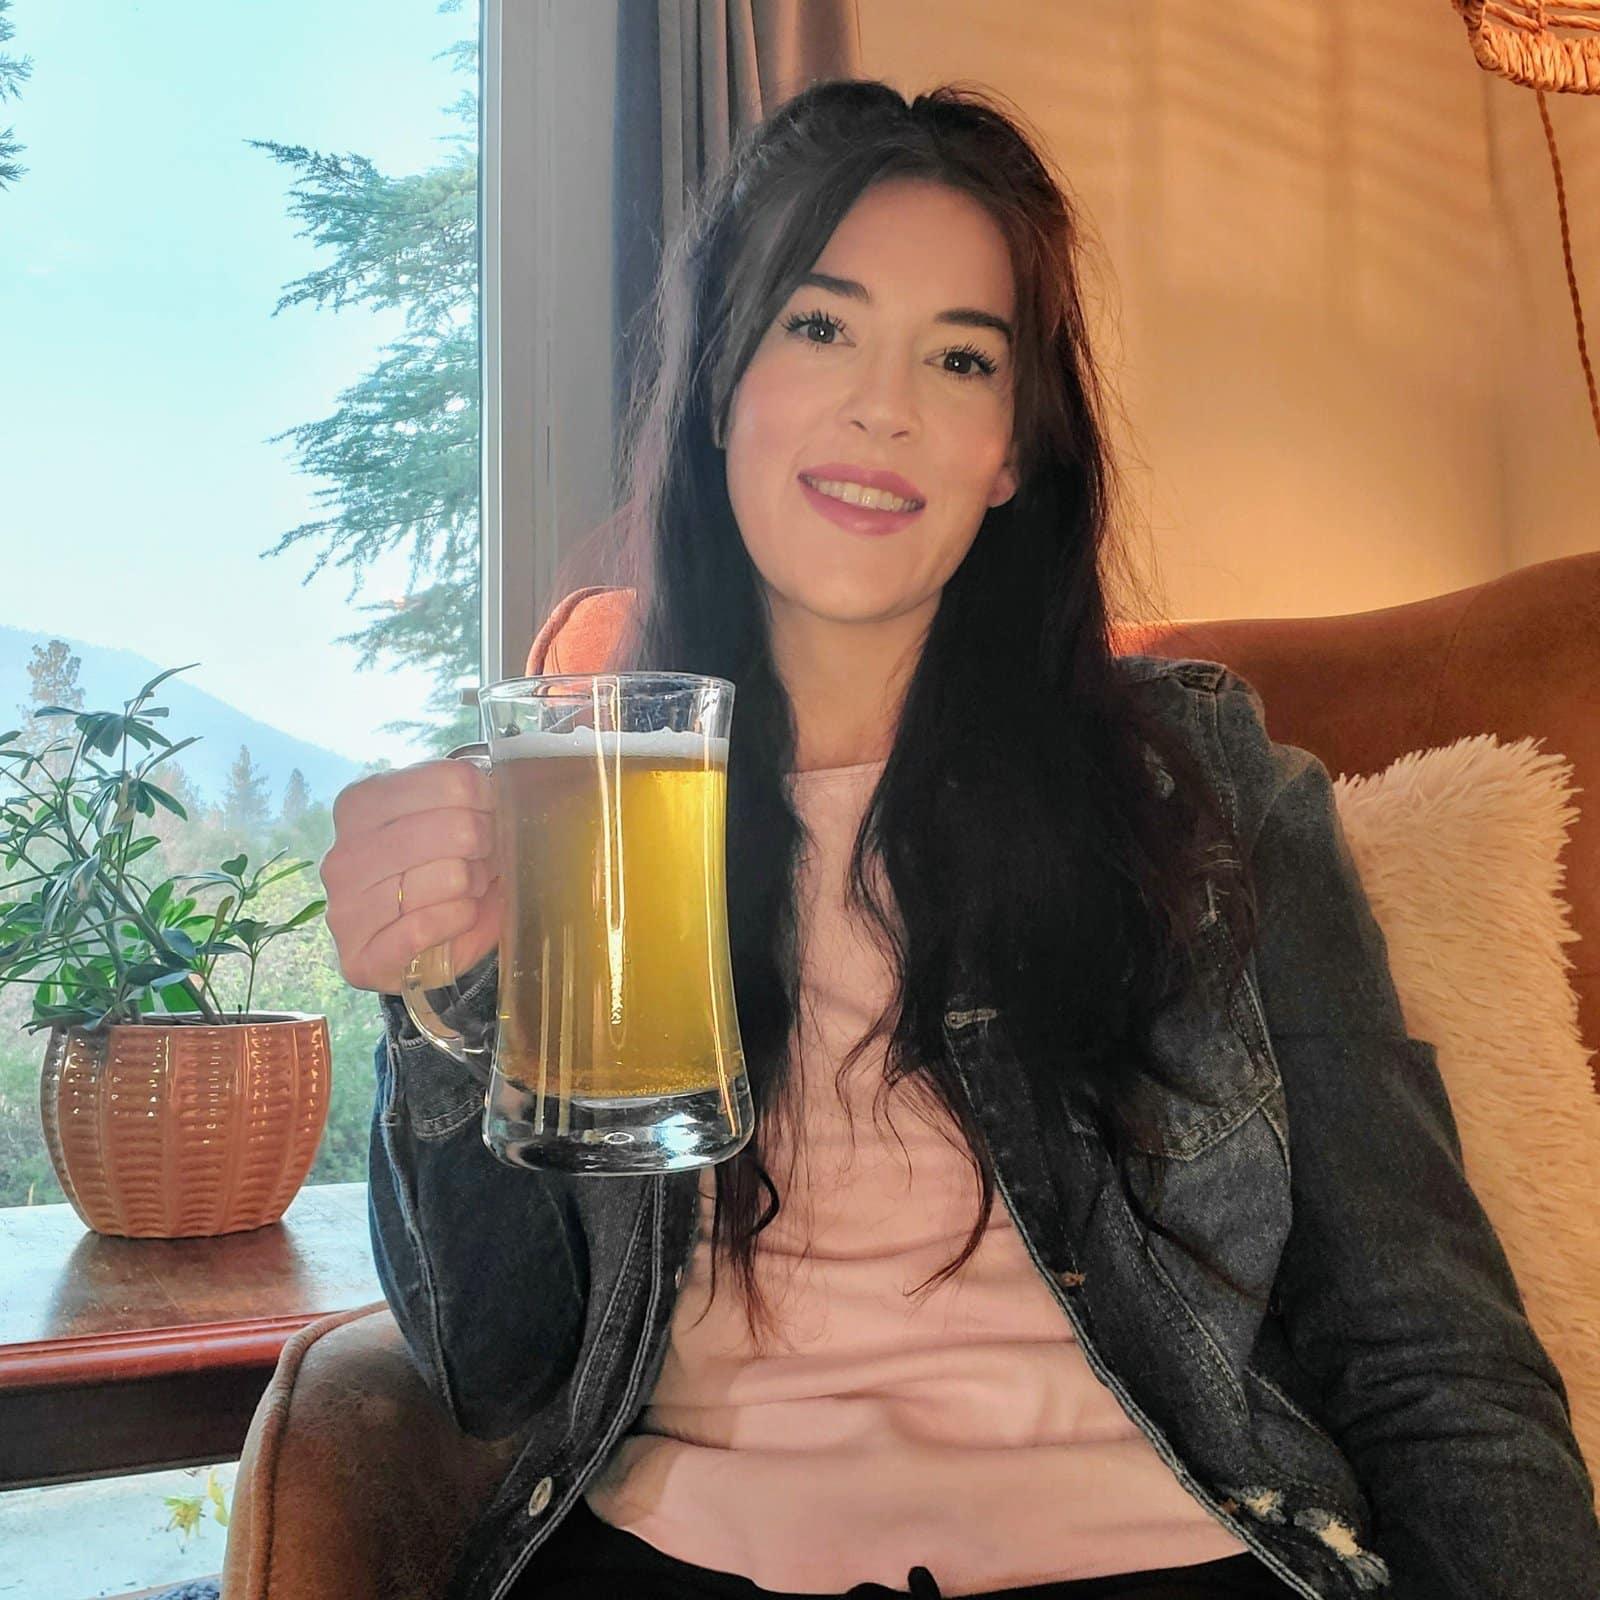 Portrait of Heather holding beer stein